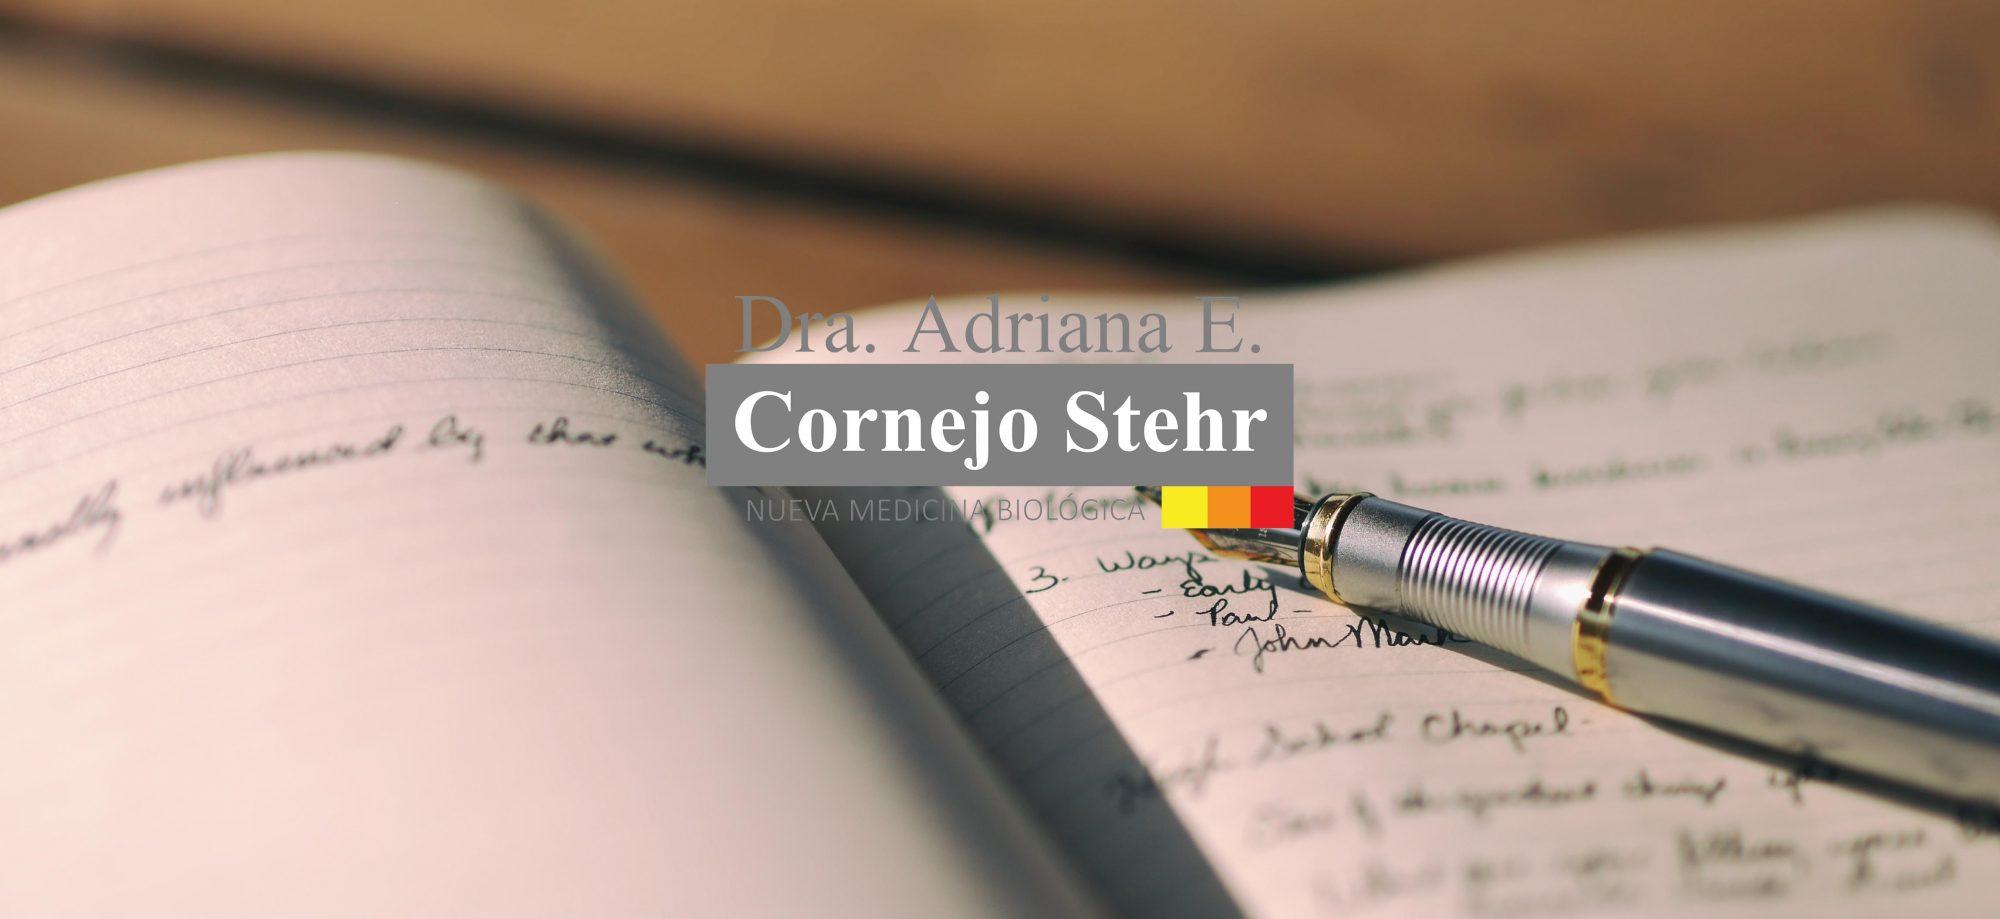 Adriana Cornejo Stehr